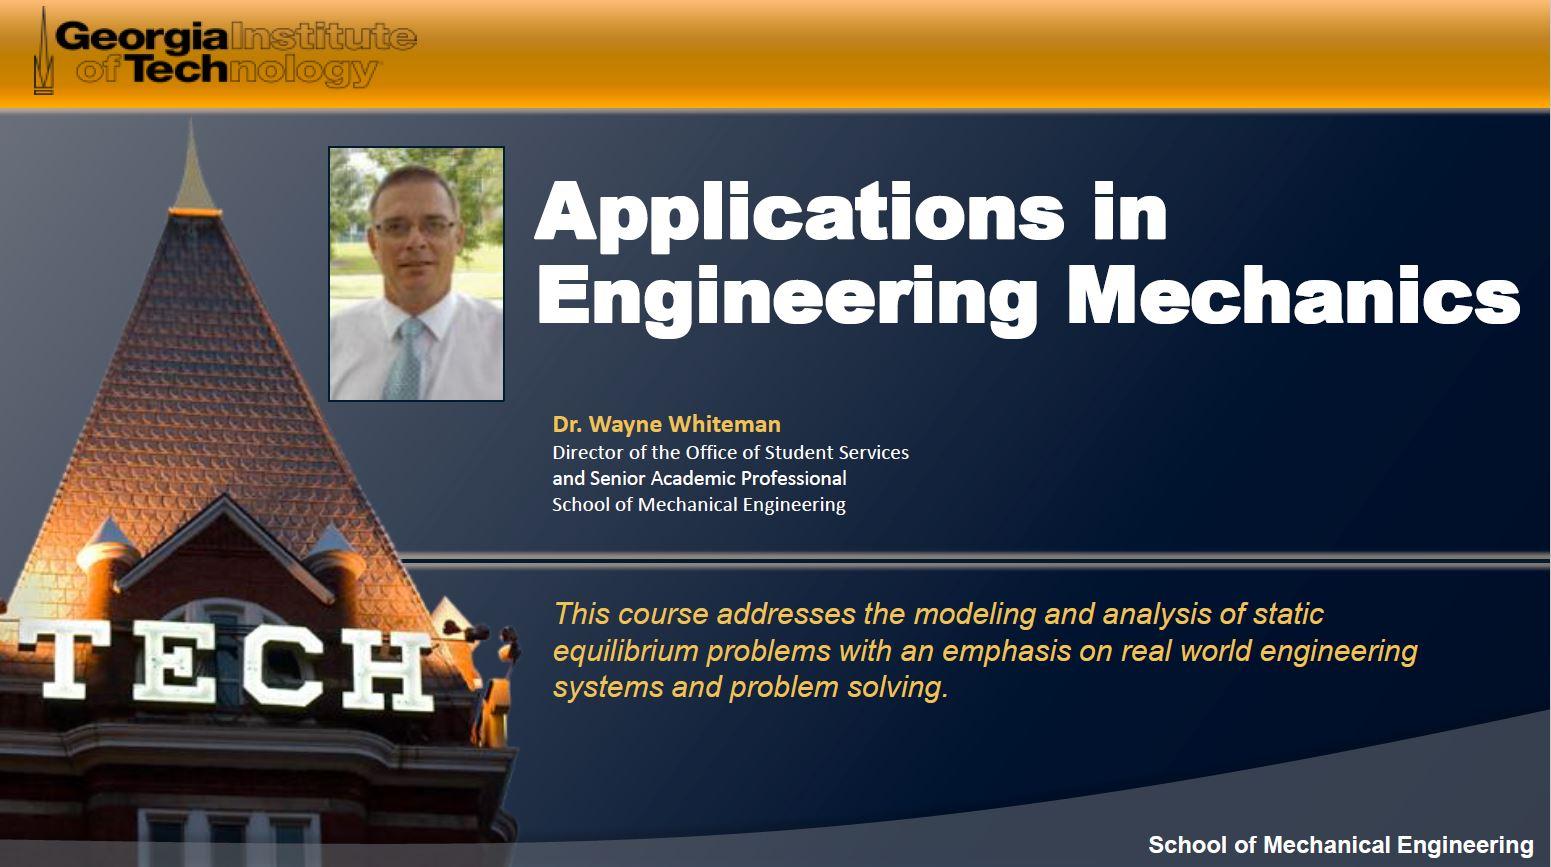 دانلود رایگان مجموعه جامع آموزش ویدیویی مکانیک مهندسی (استاتیک) از دانشگاه جورجیا آمریکا Applications in Engineering Mechanics